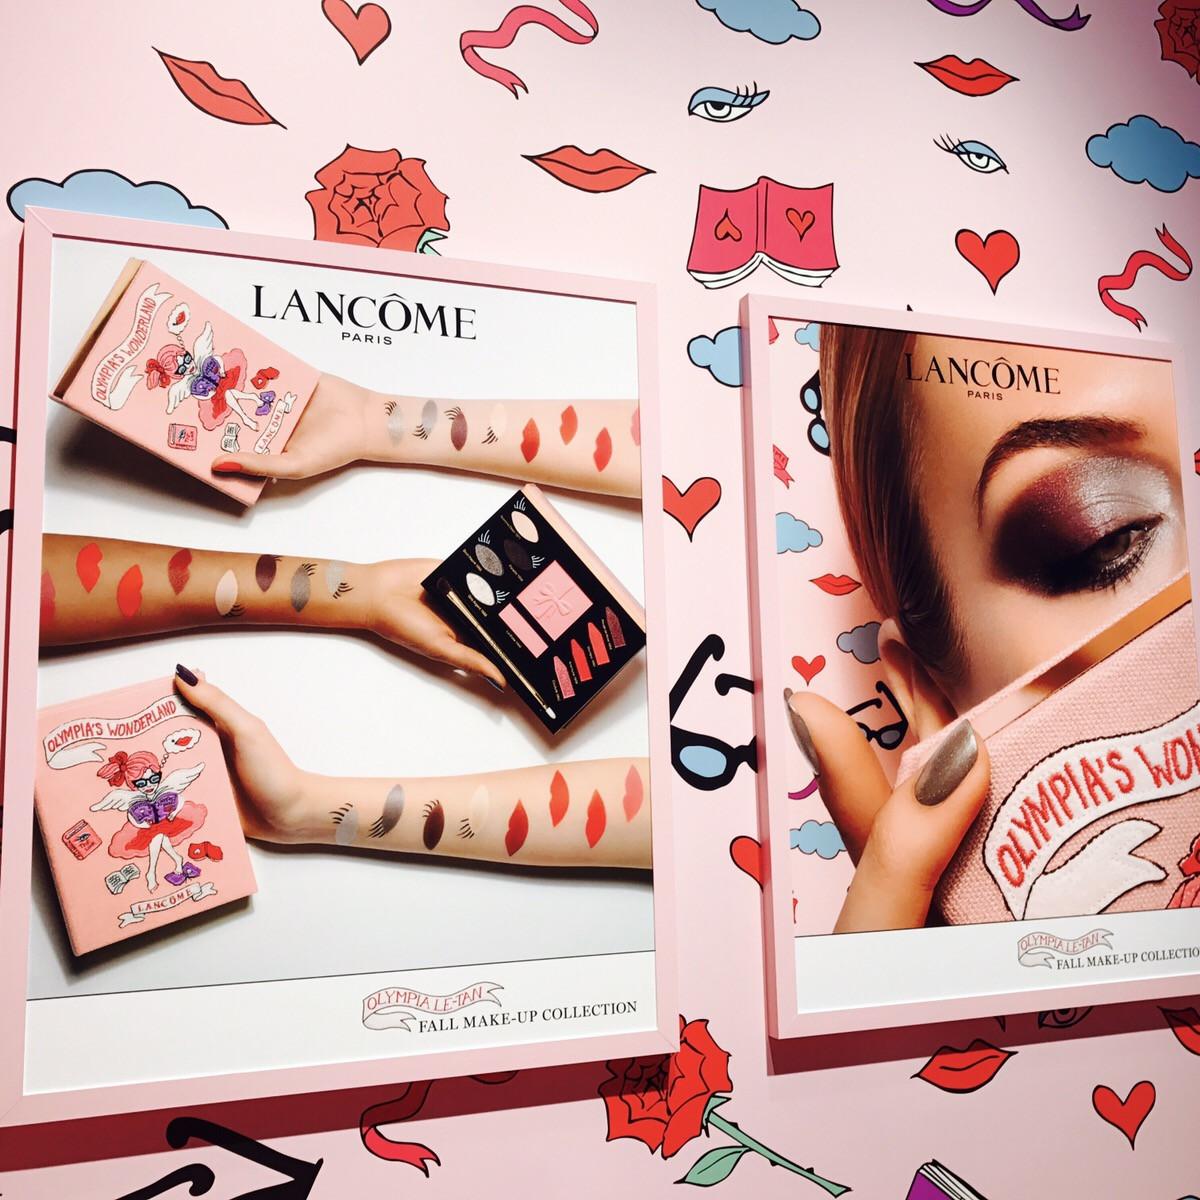 オリンピア・ル・タンが彩るランコムの特別な限定コレクション『オリンピアズ ワンダーランド』が登場!_1_1